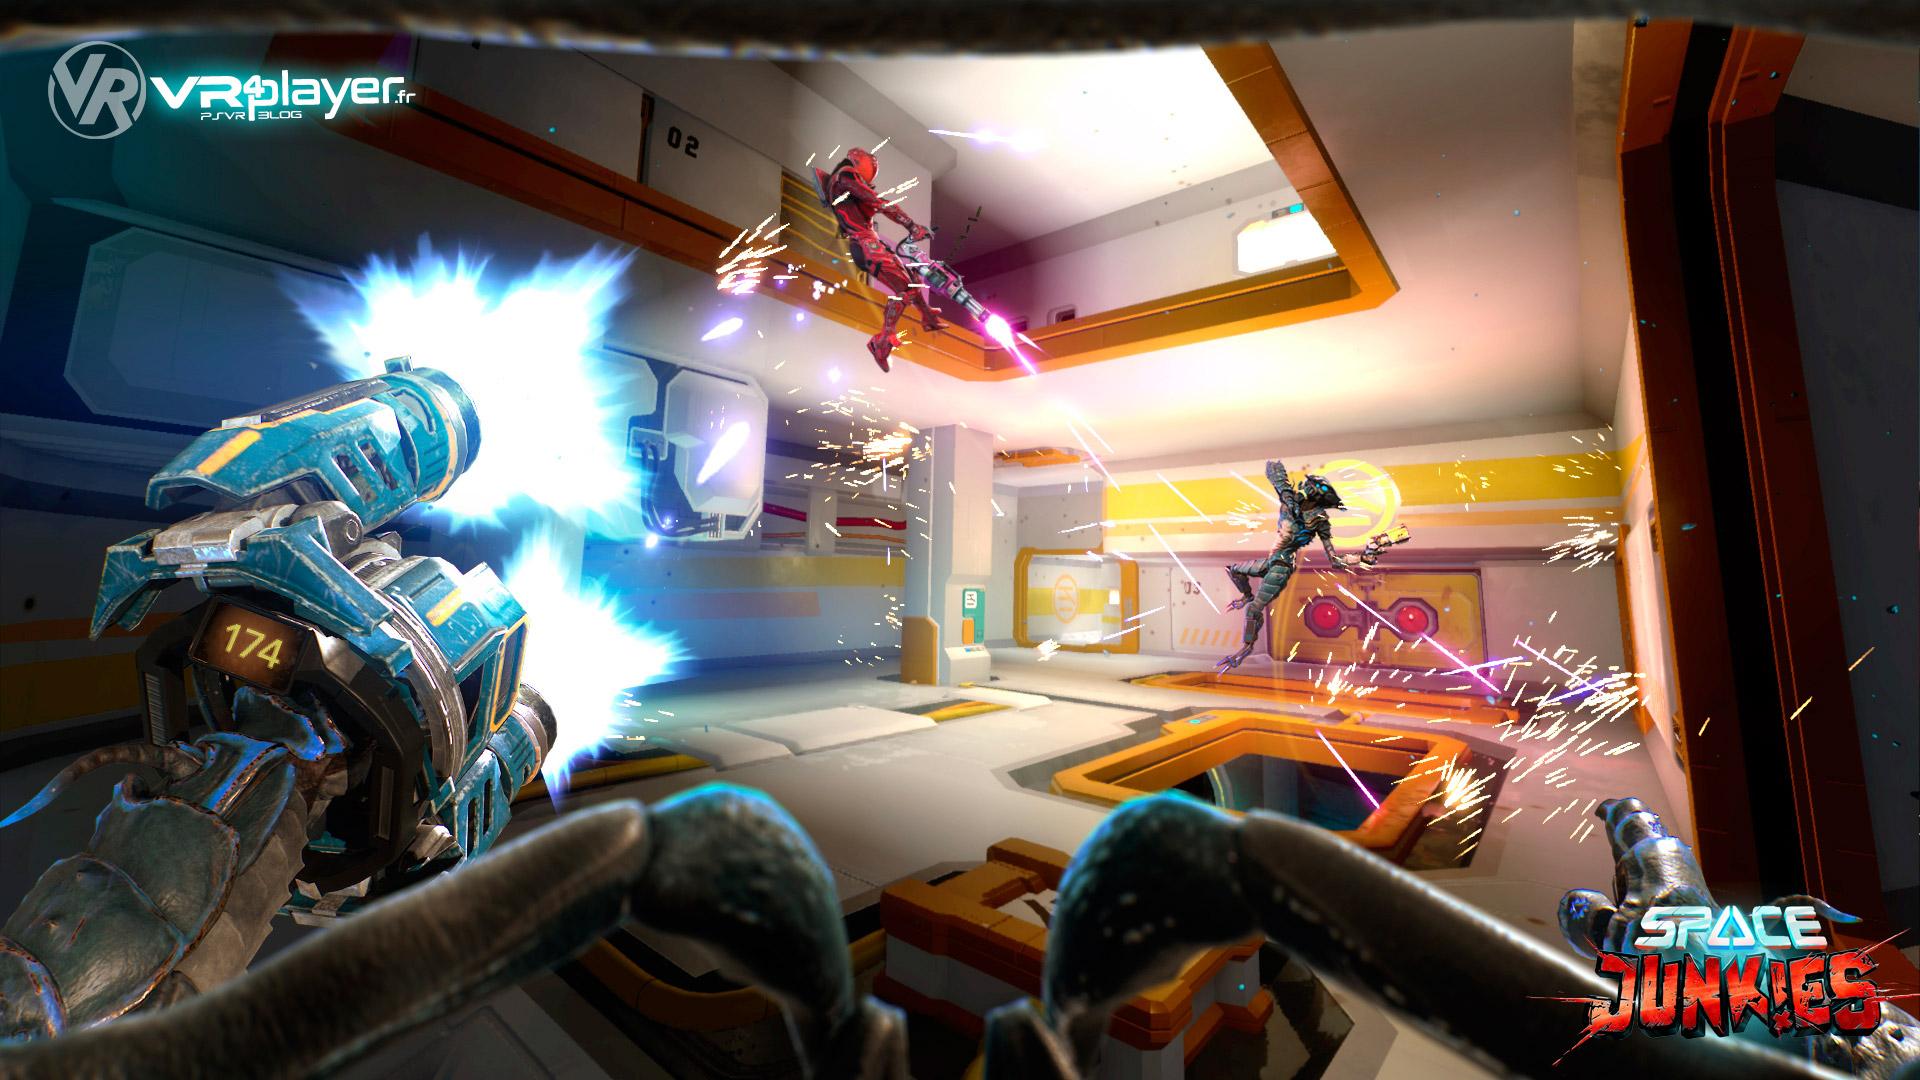 Space Junkies Ubisoft PlayStation VR, PSVR, VR4player